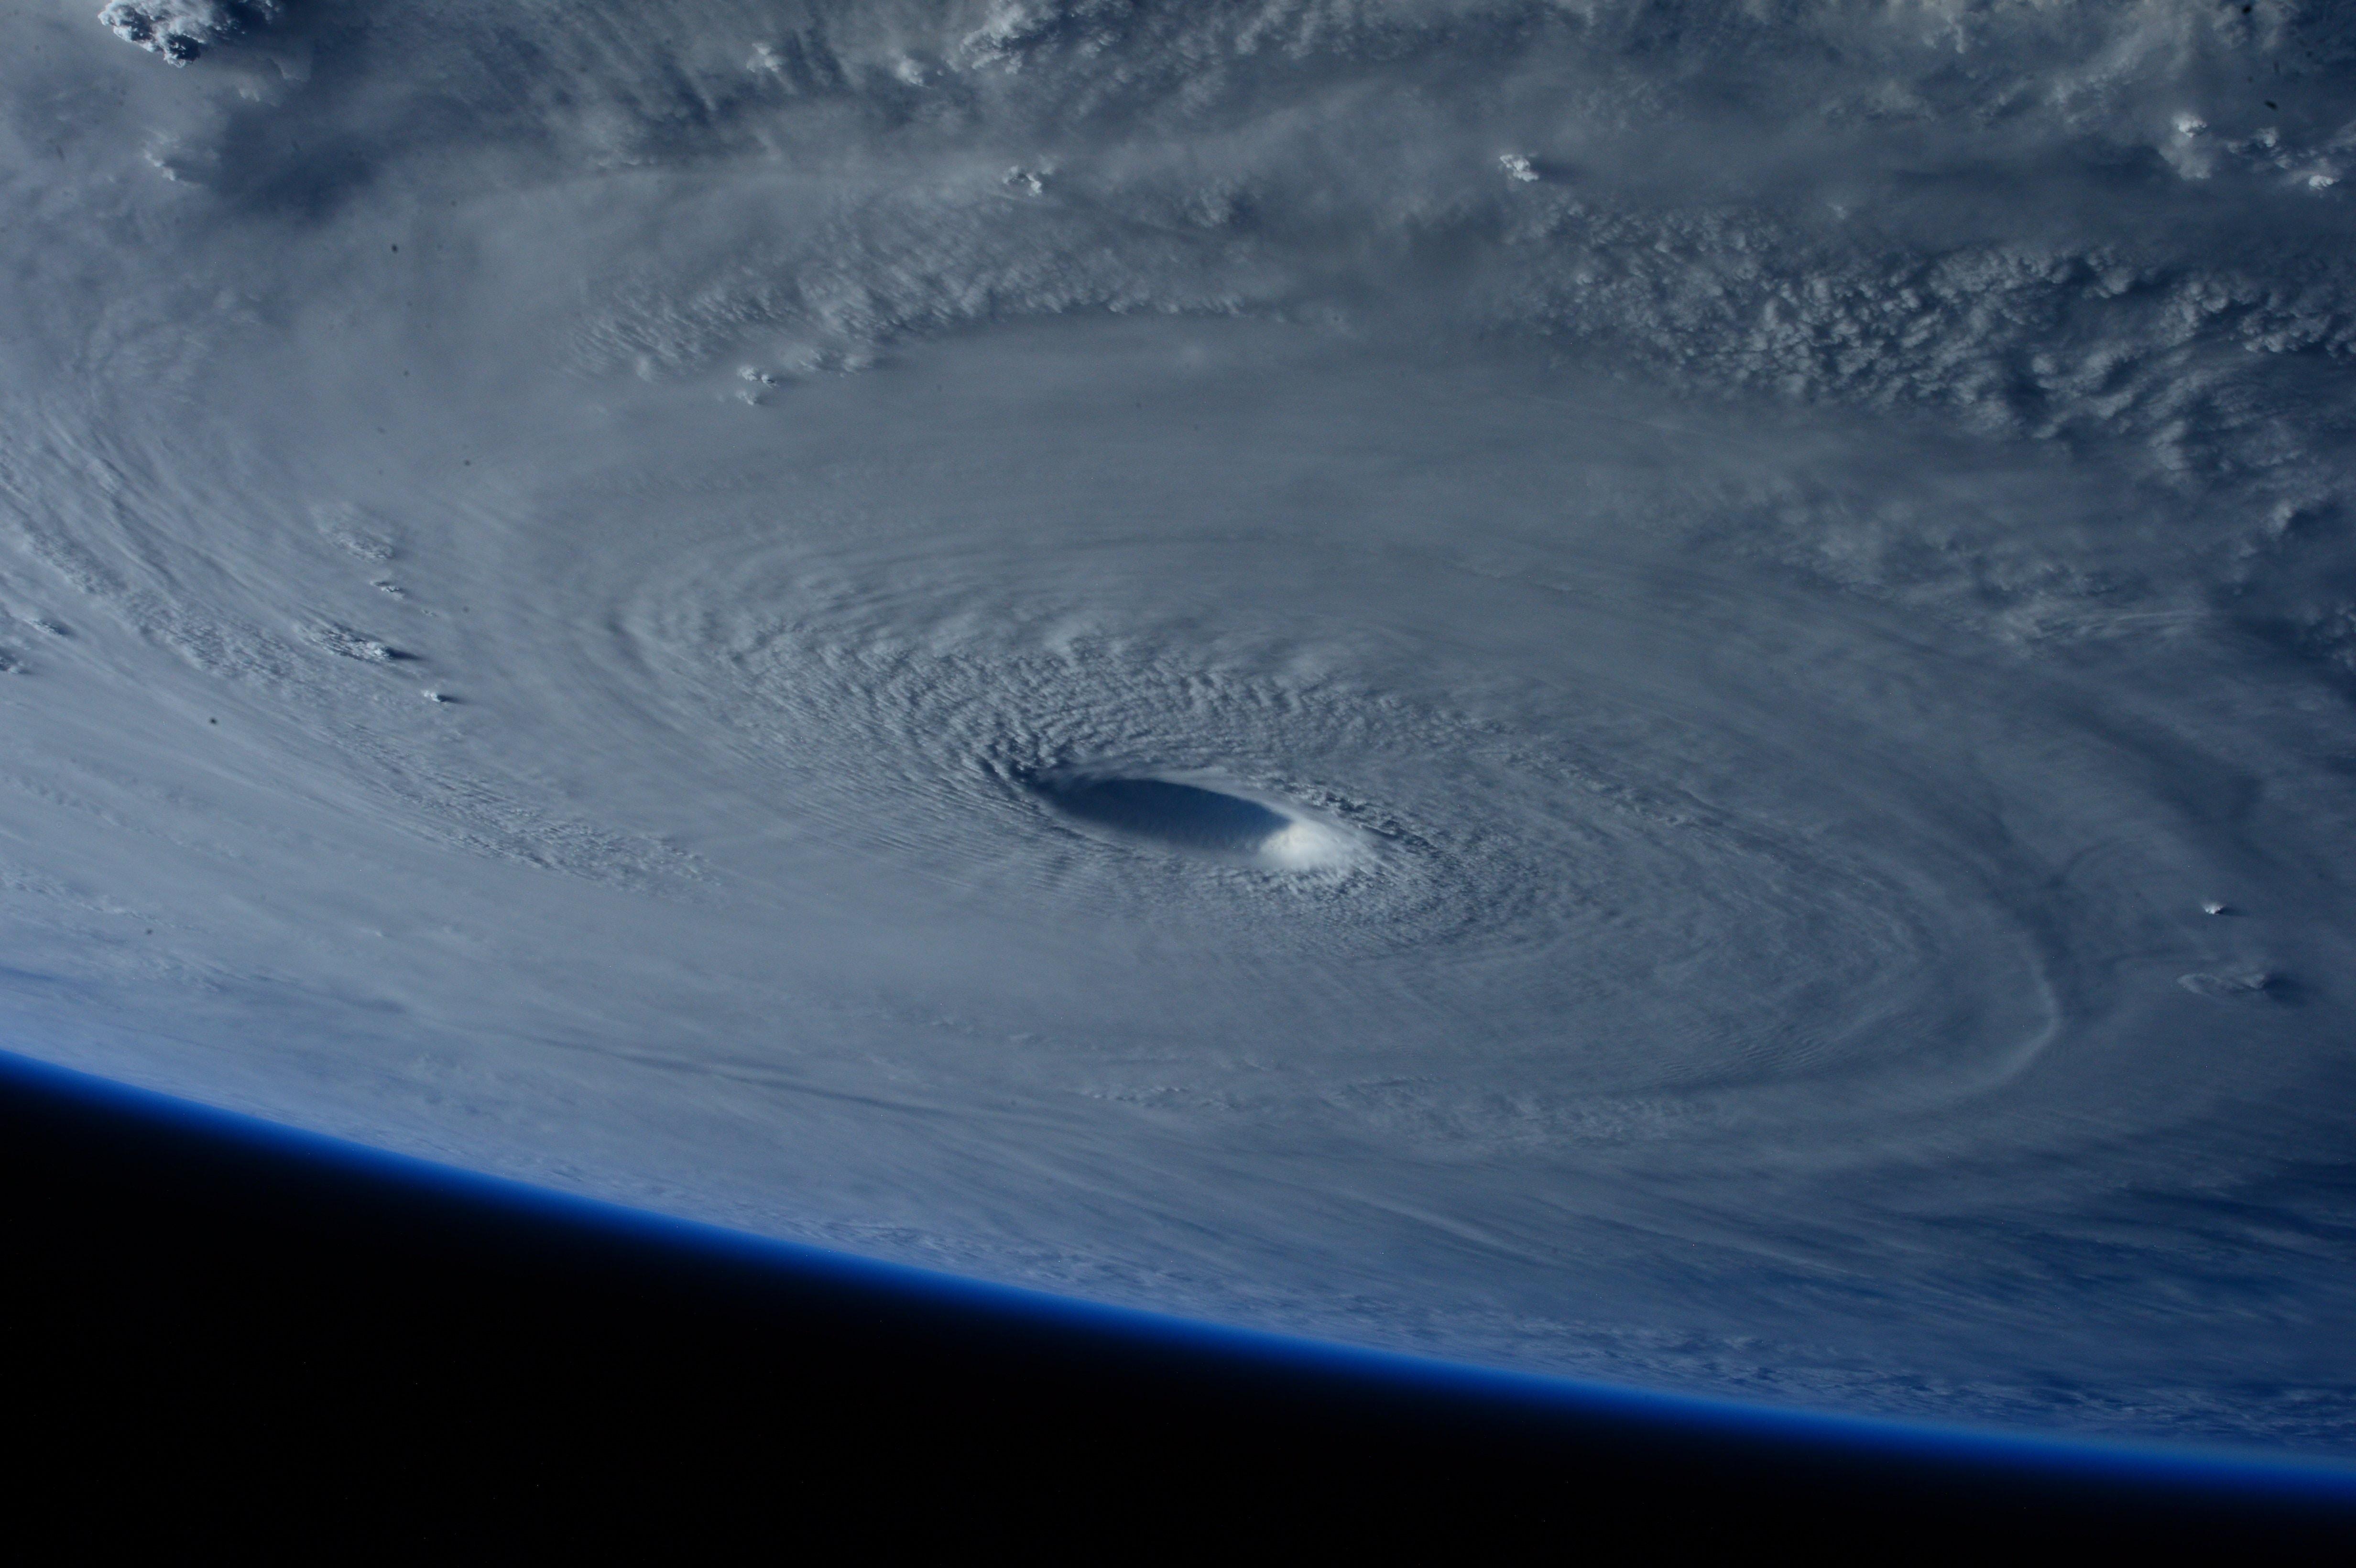 台風19号(ハギビス)2019のたまご米軍進路予想とヨーロッパ・気象庁最新